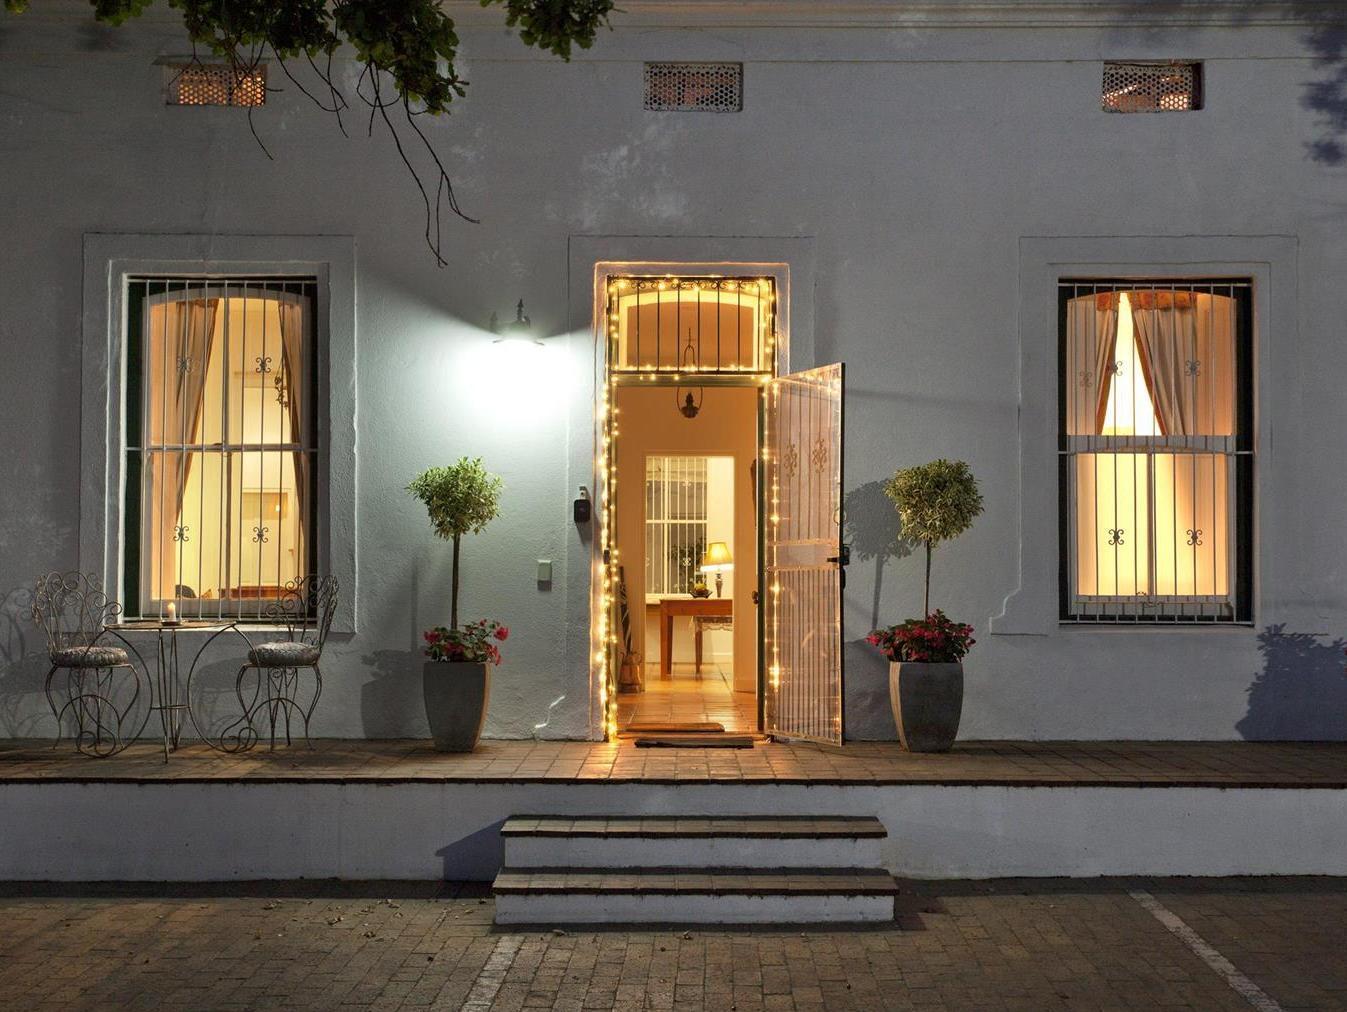 22 Die Laan Guest House Stellenbosch - 22 Die Laan Guest House